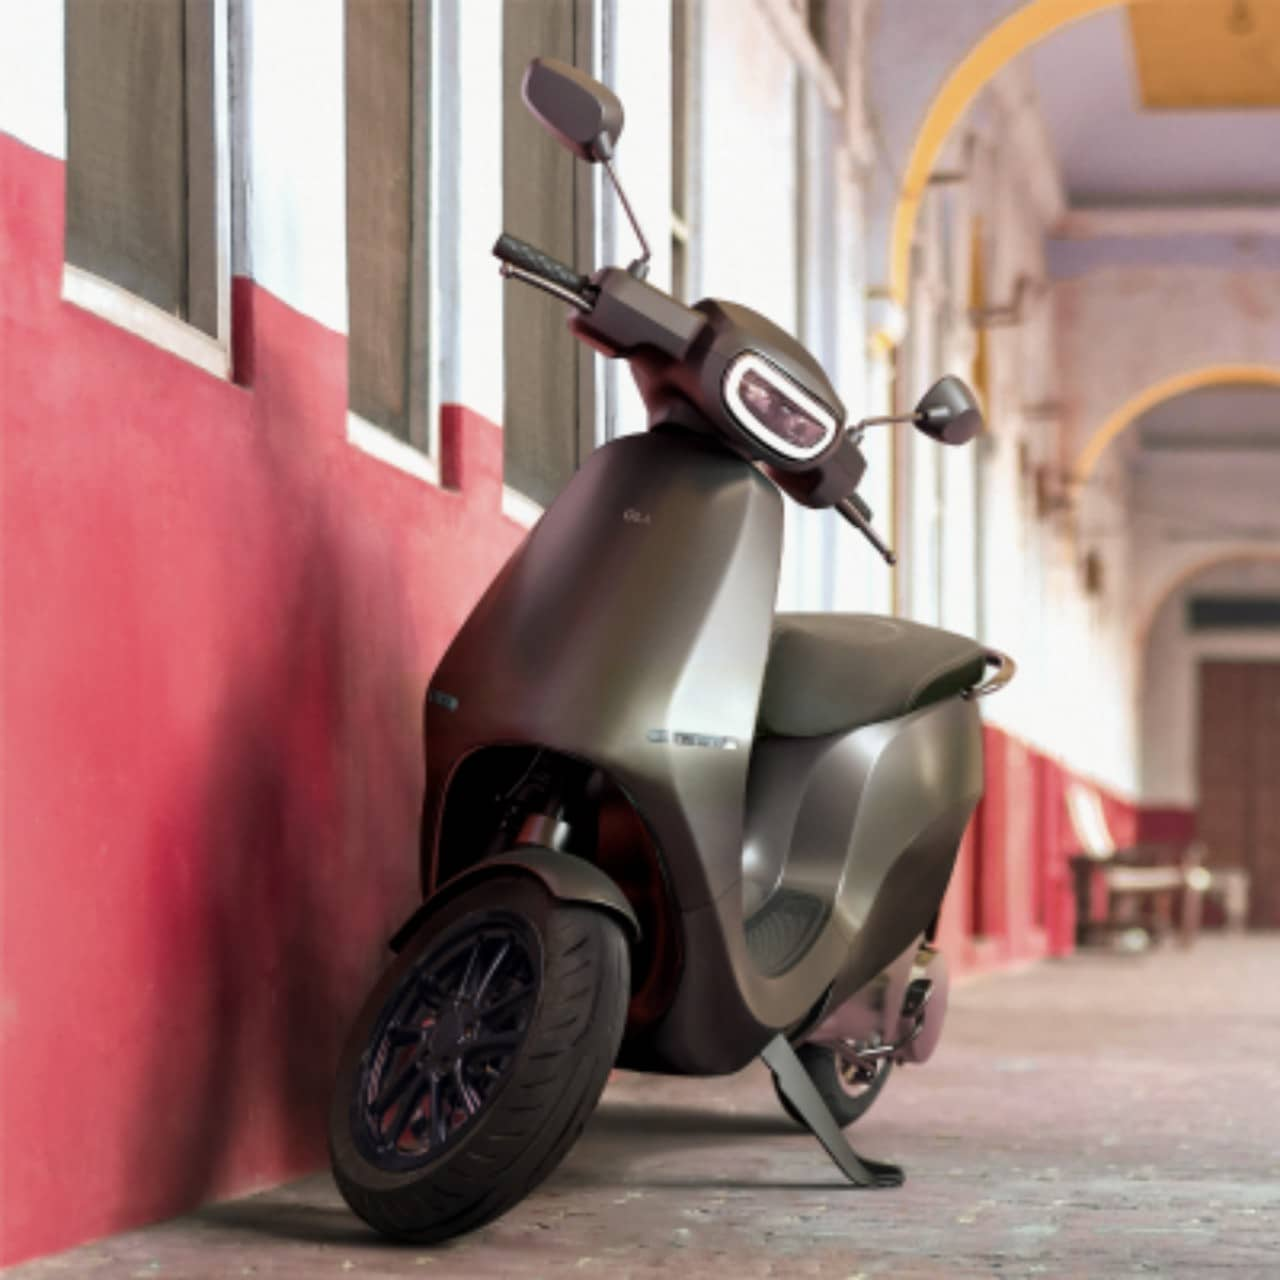 Motocicleta S1 de Ola Electric